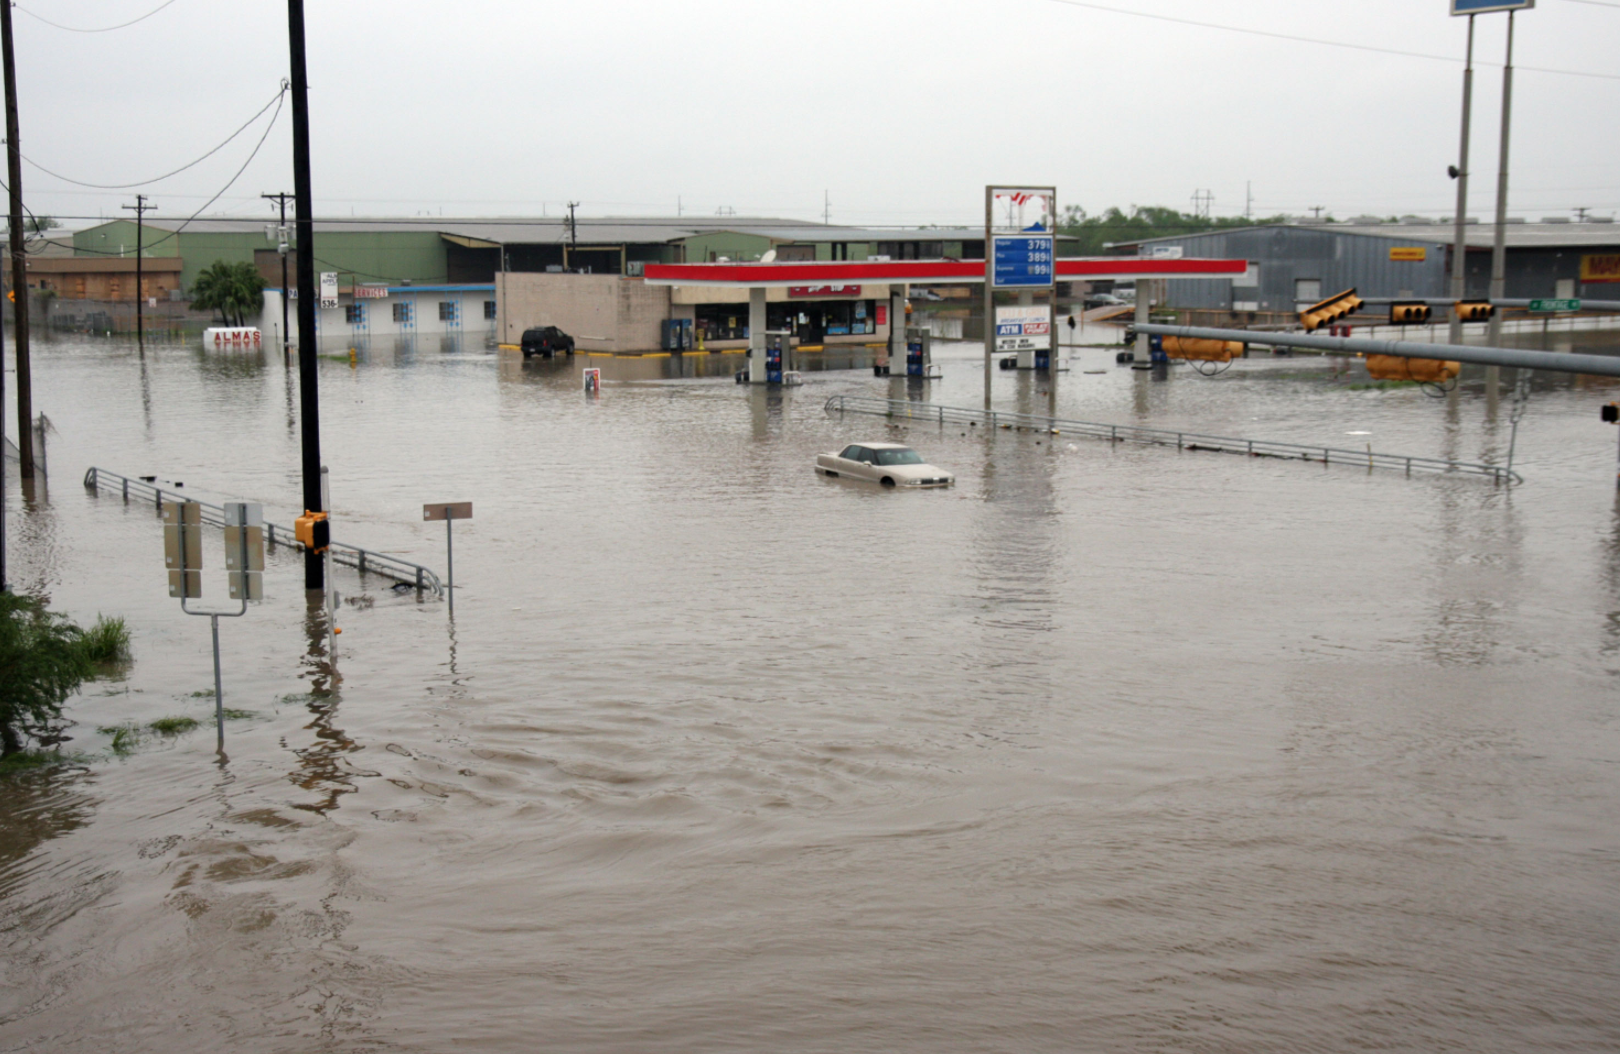 Landlords Demanding Rent In Flooded Homes From Hurricane Harvey Photo: BotMultichillT, WikiCommons